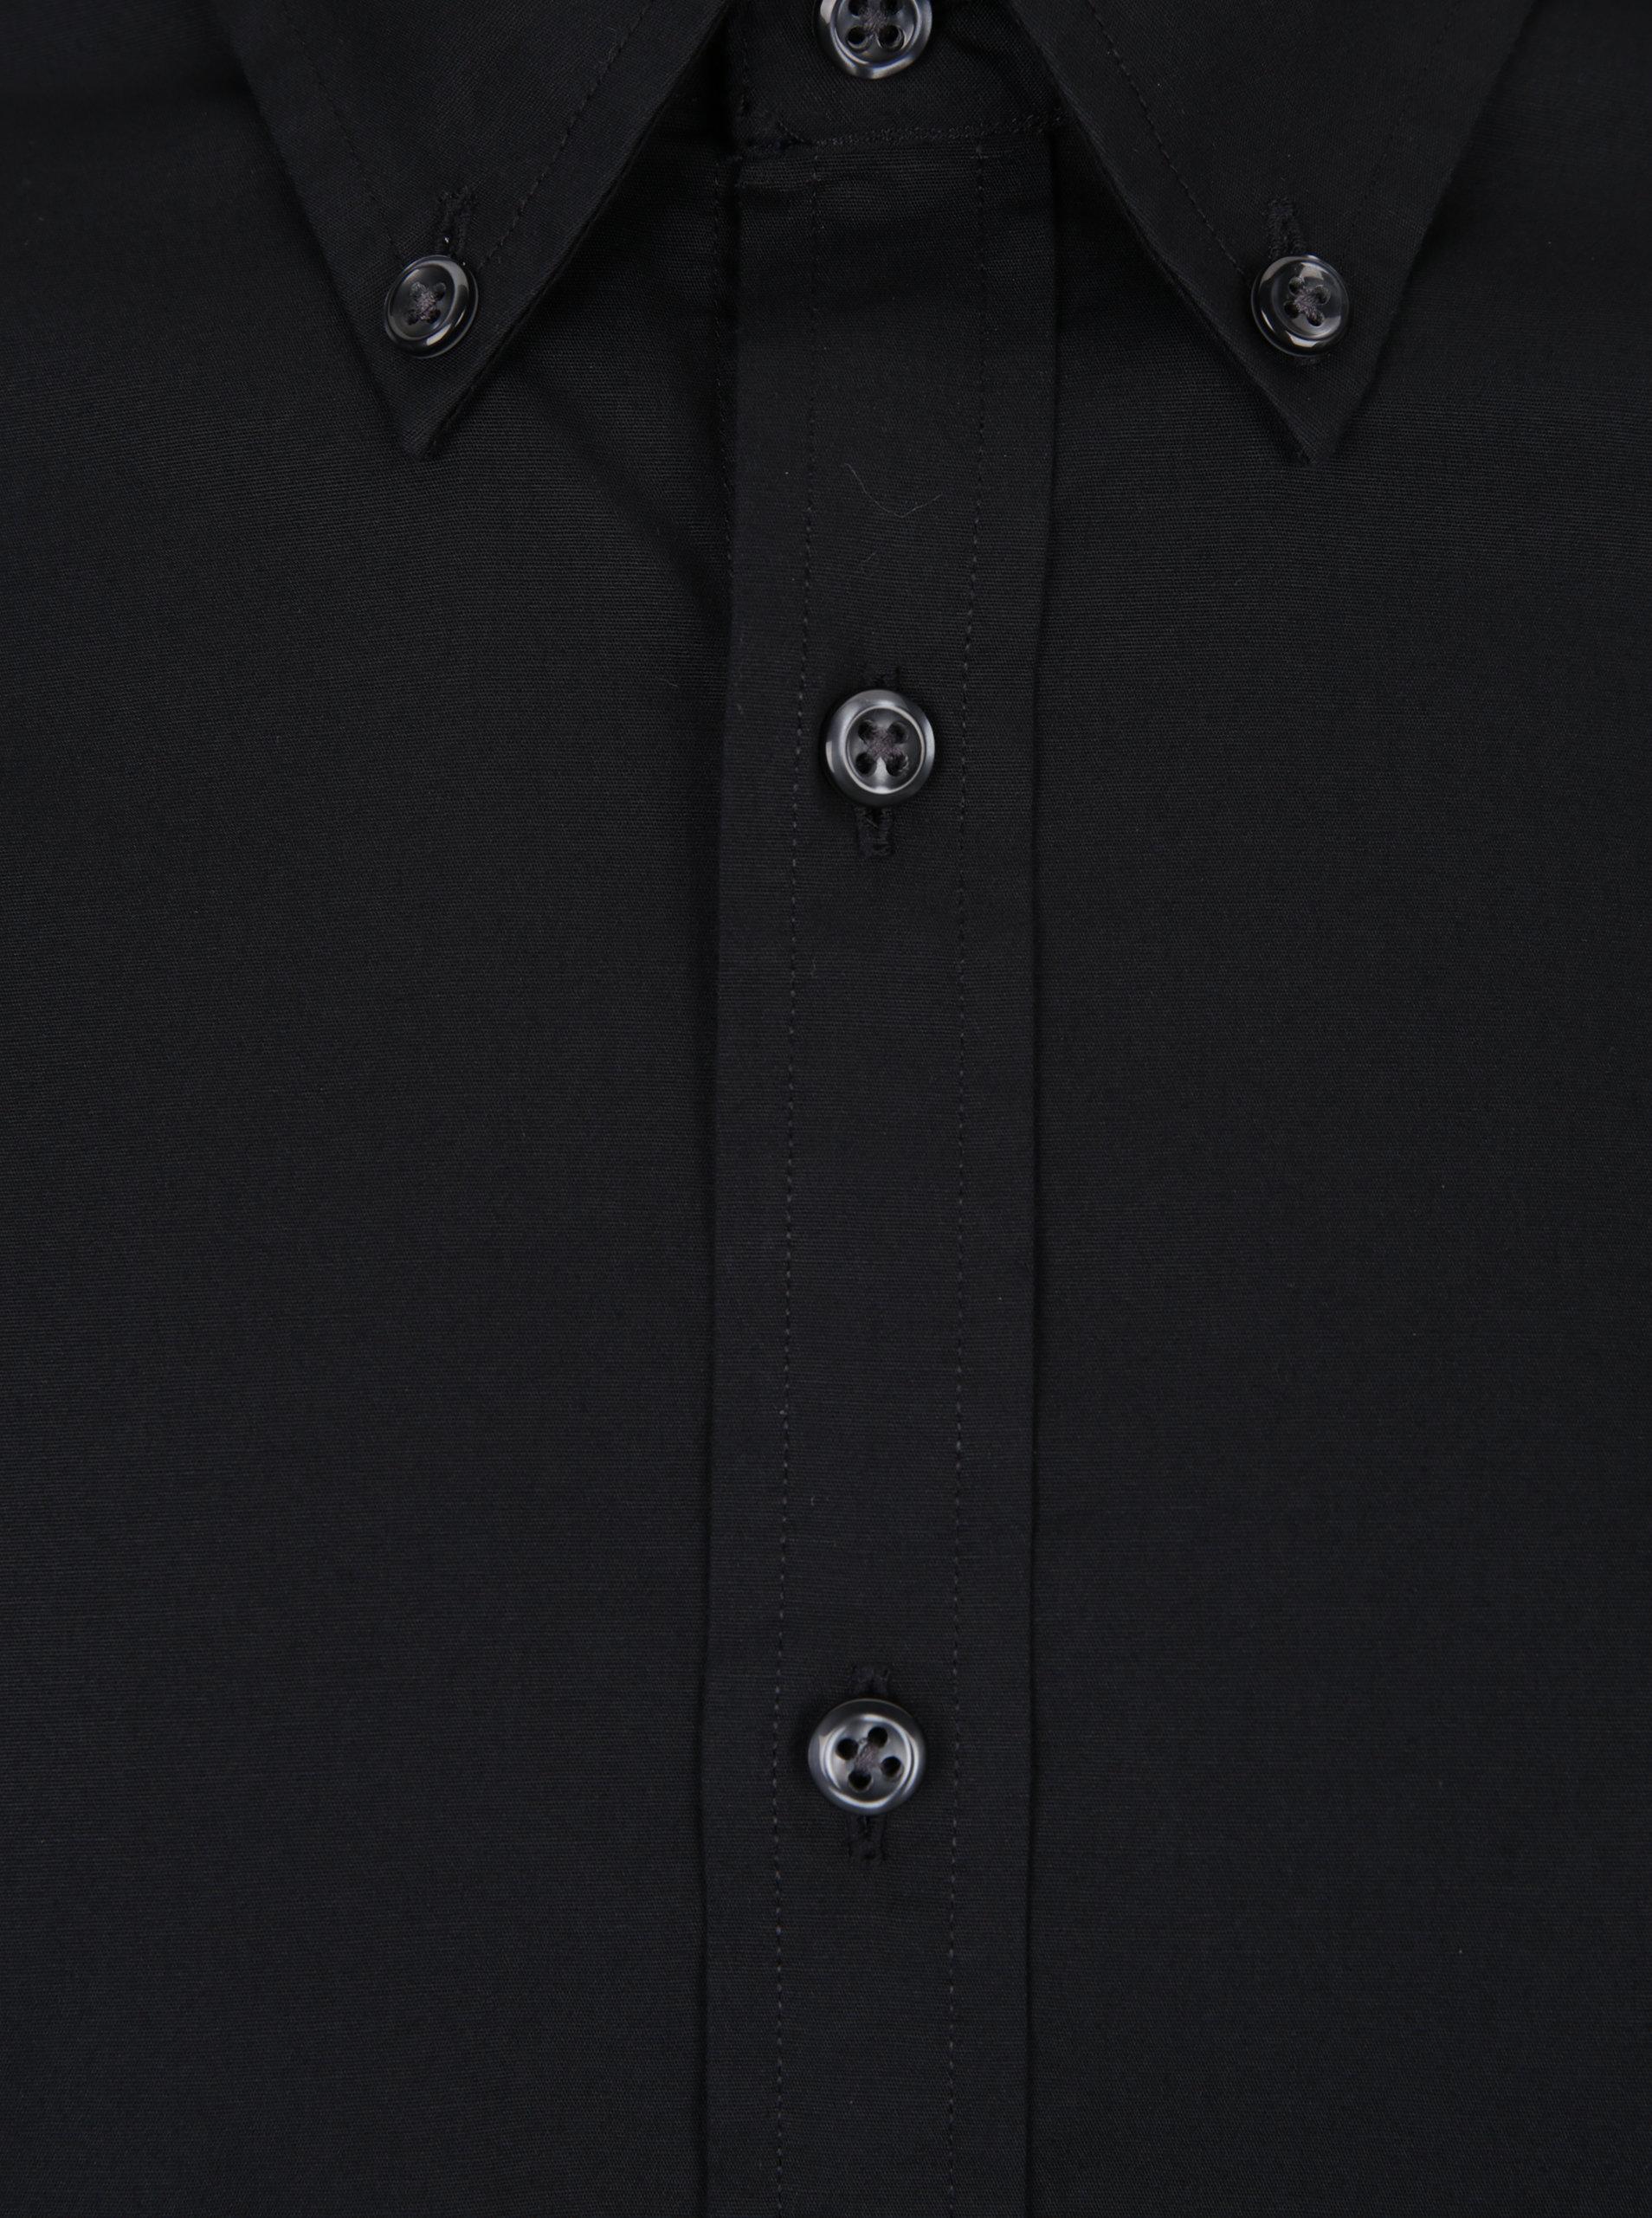 868568a5ccc9 Čierna pánska slim fit košeľa Tommy Hilfiger Stretch ...